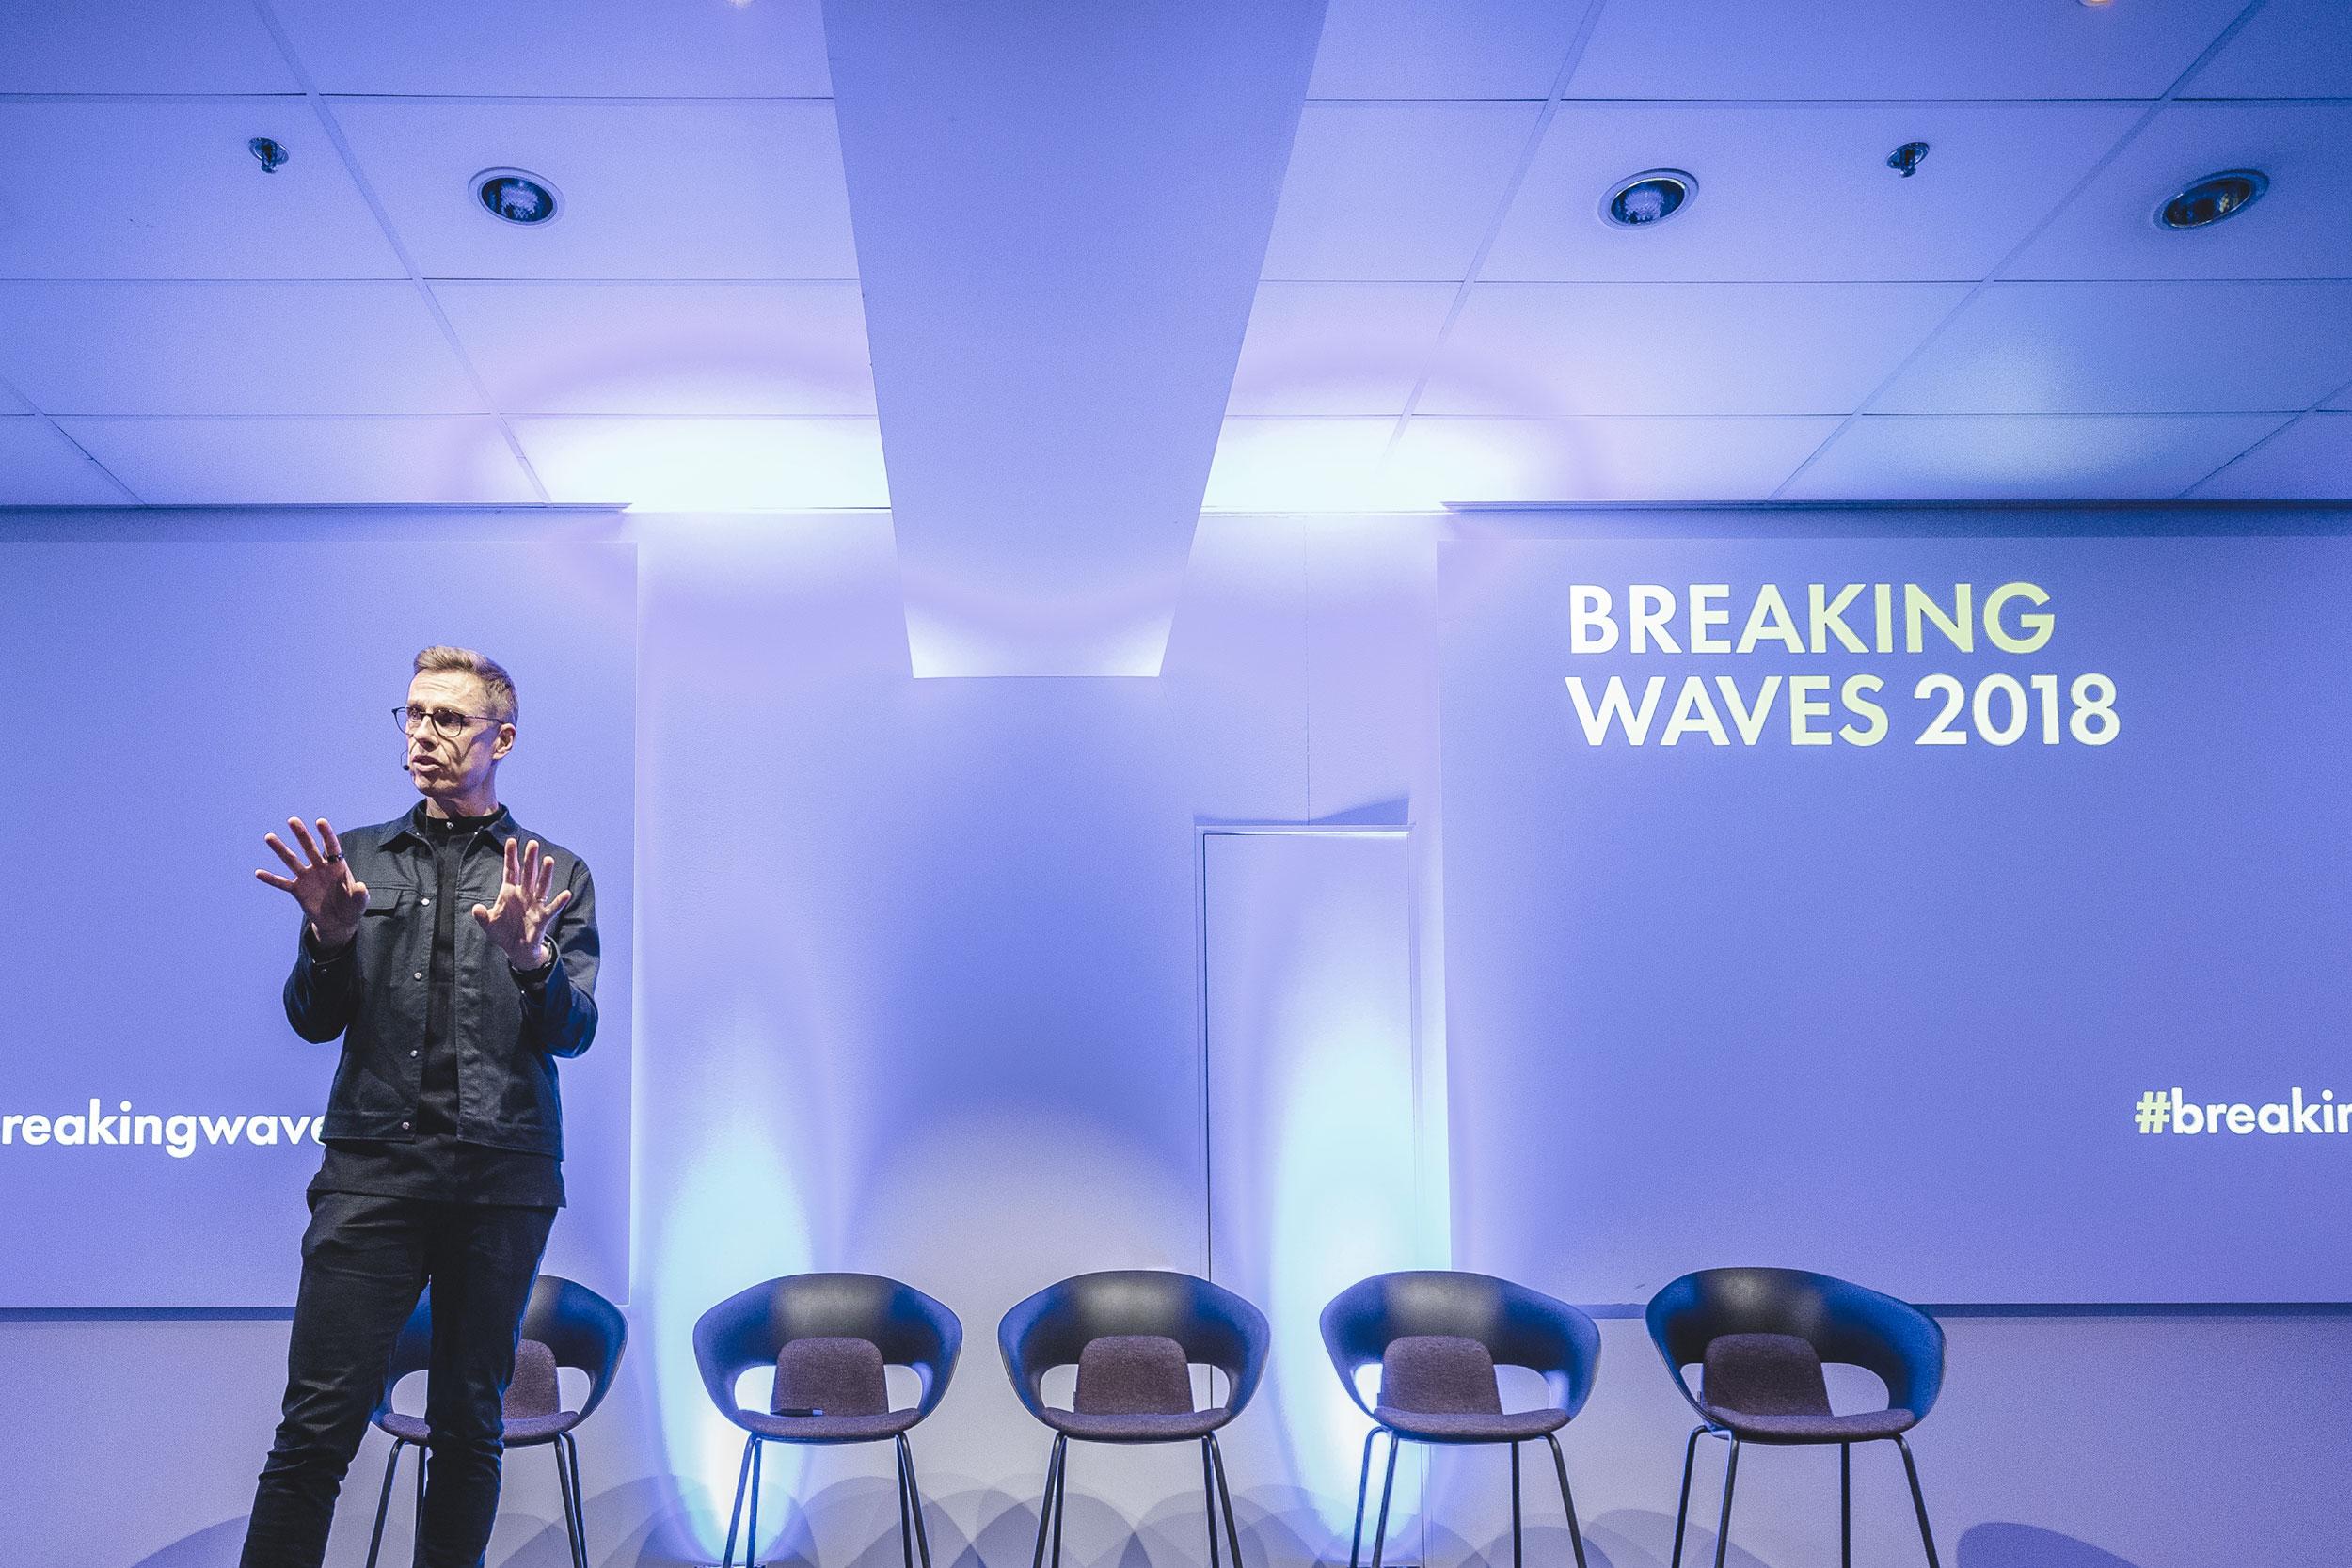 w-sea20-read-breaking-waves-hero-2500x1667